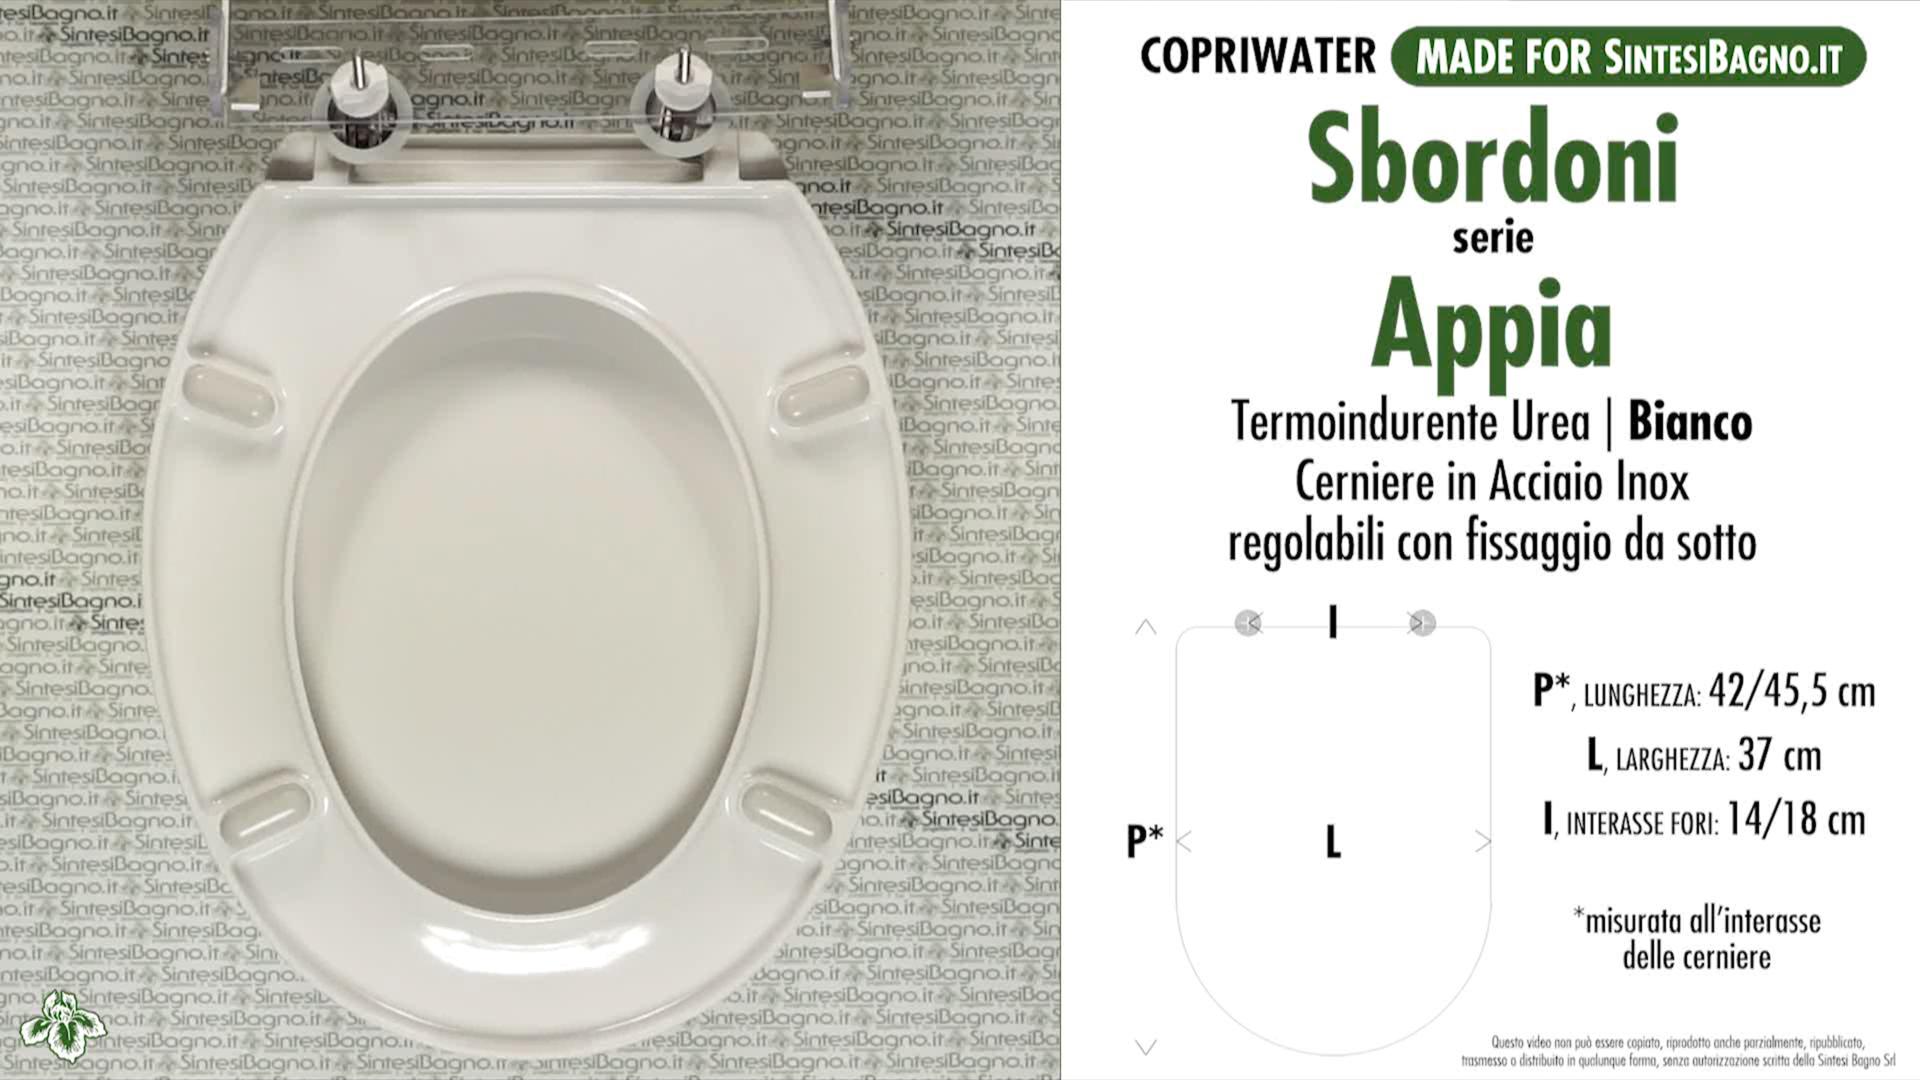 SCHEDA TECNICA MISURE copriwater SBORDONI APPIA